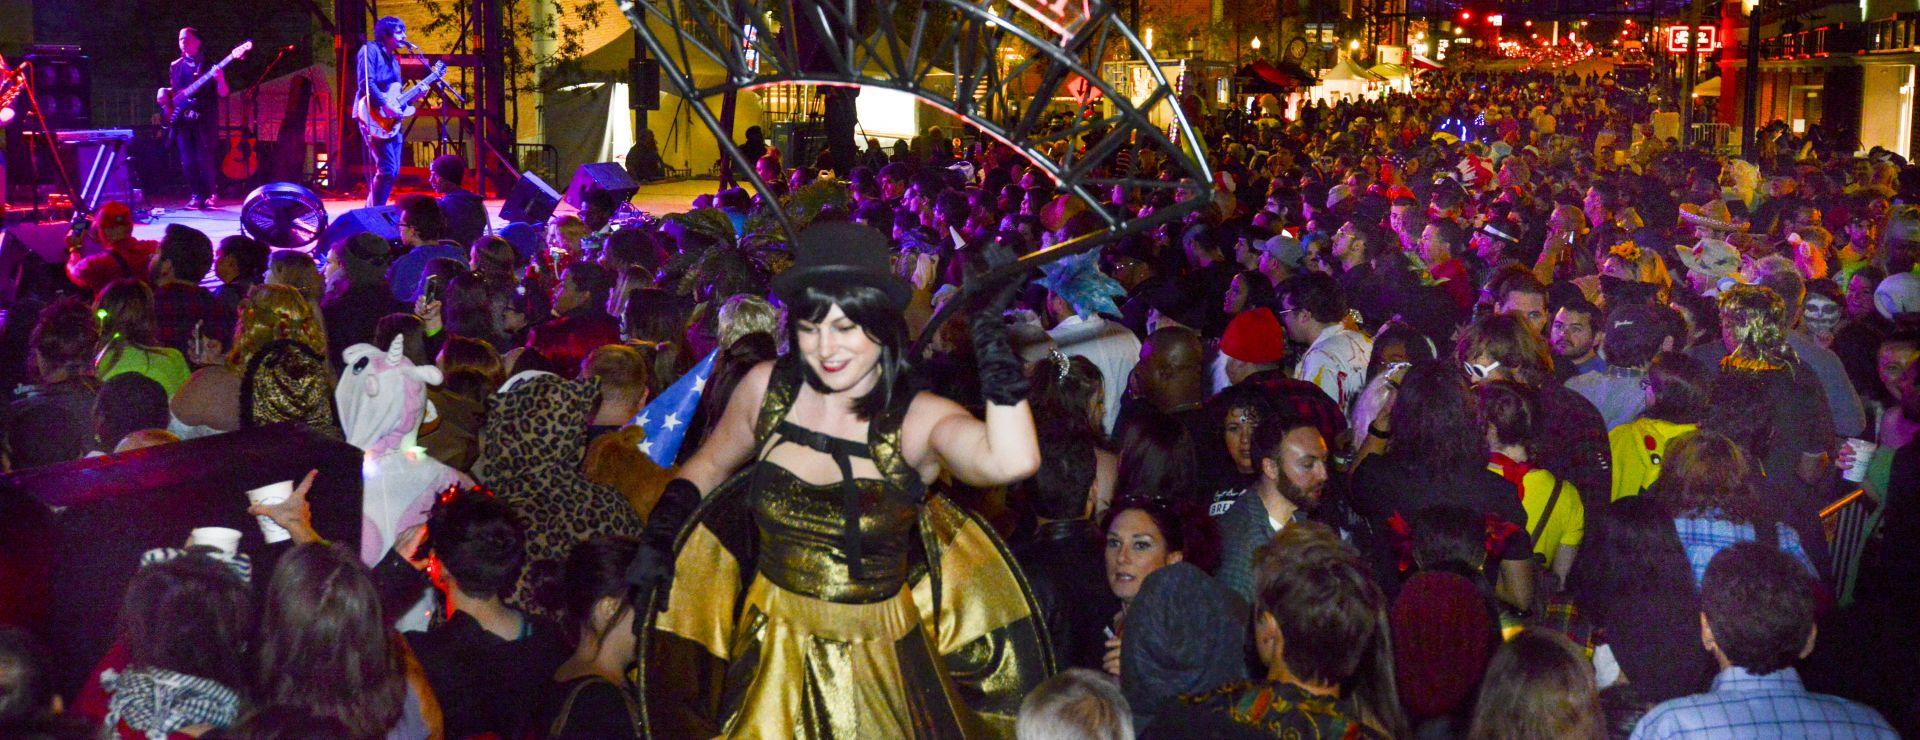 columbus, ohio events | festivals, annual events & music